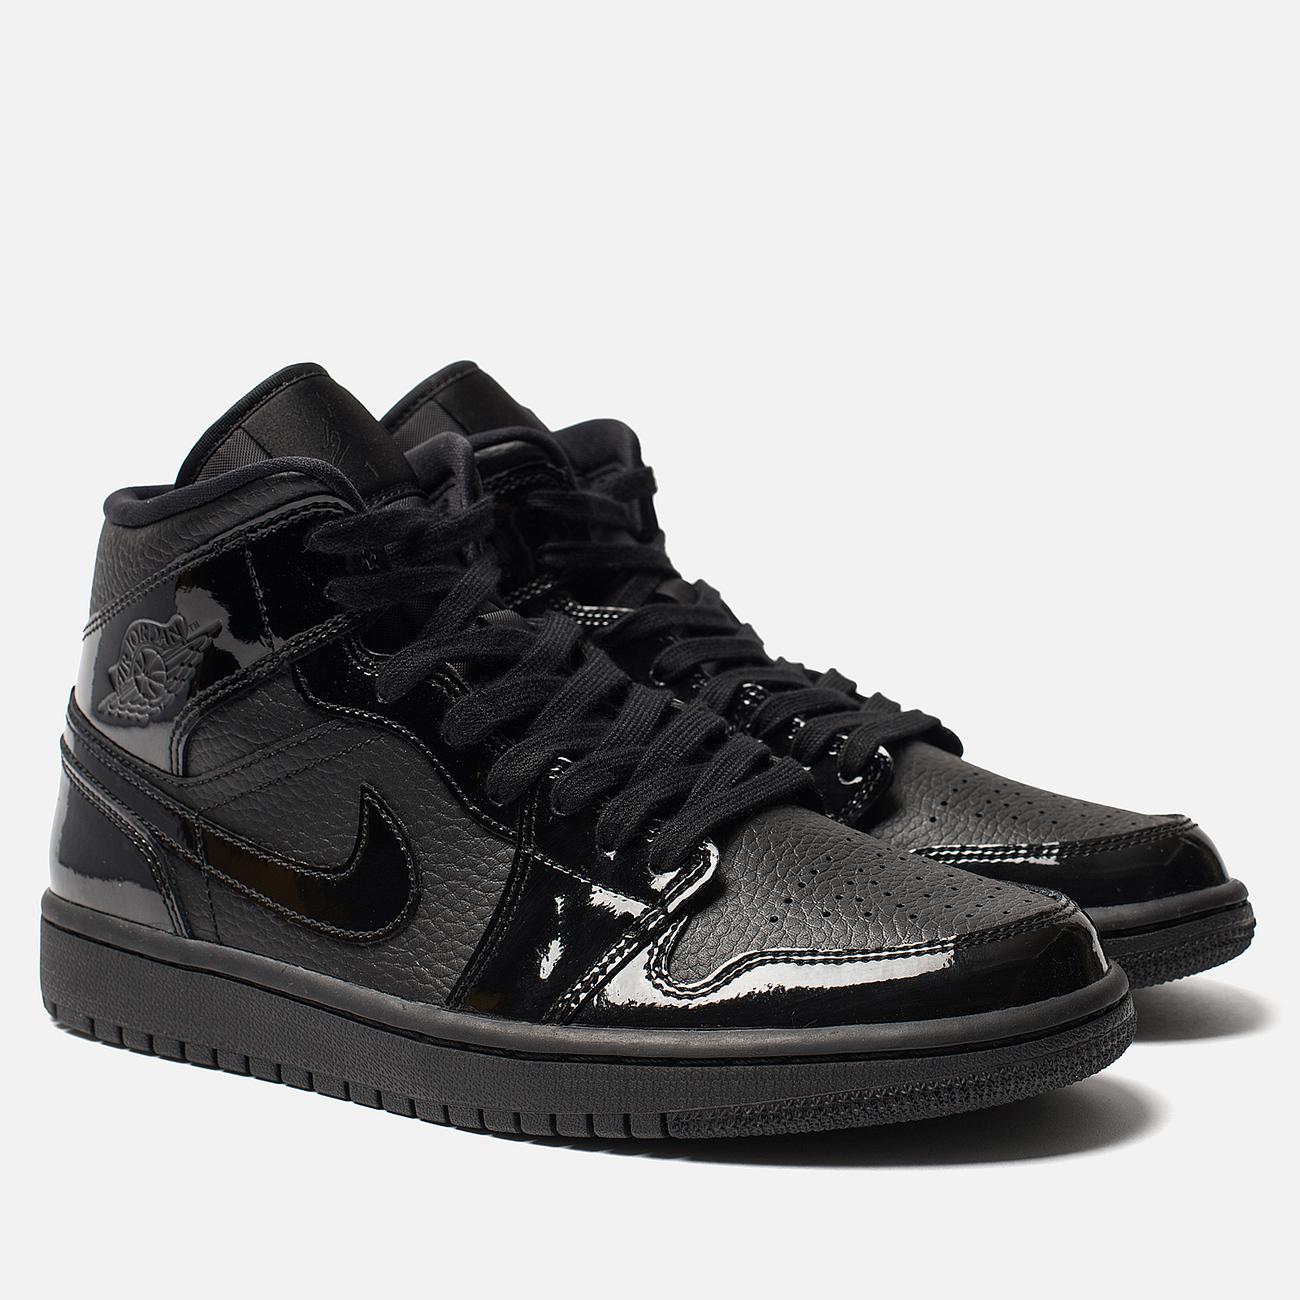 Женские кроссовки Jordan Air Jordan 1 Mid Black/Black